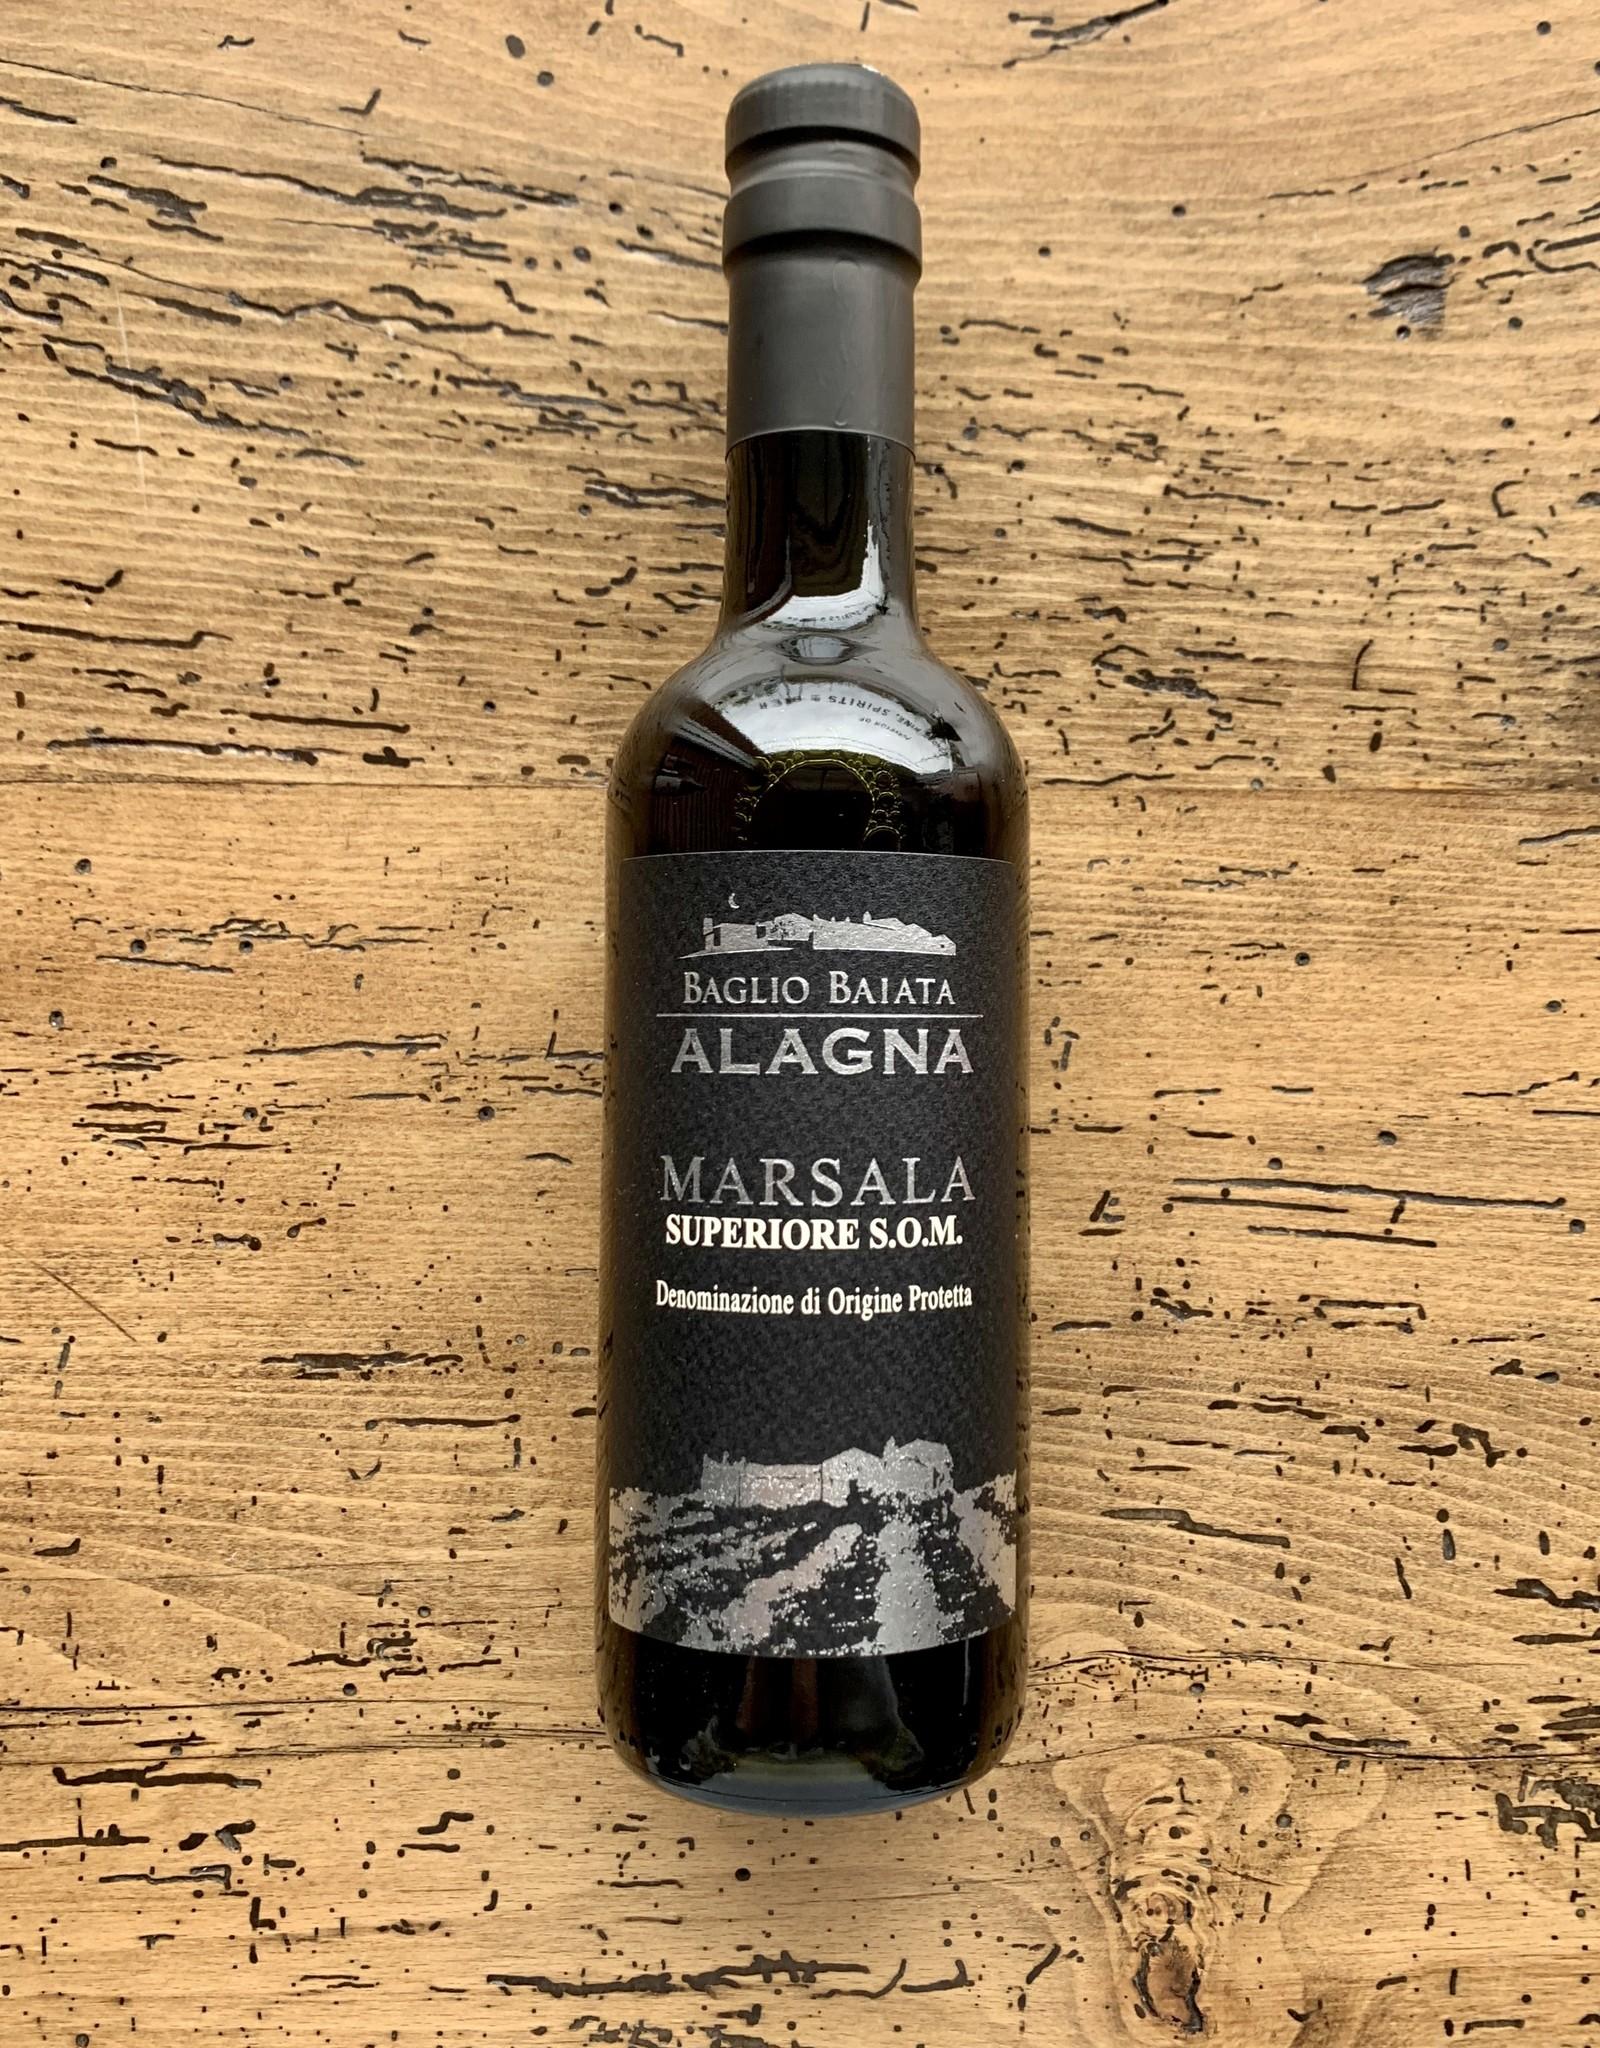 Baglio Baiata Alagna Marsala Superiore S.O.M. 375ml